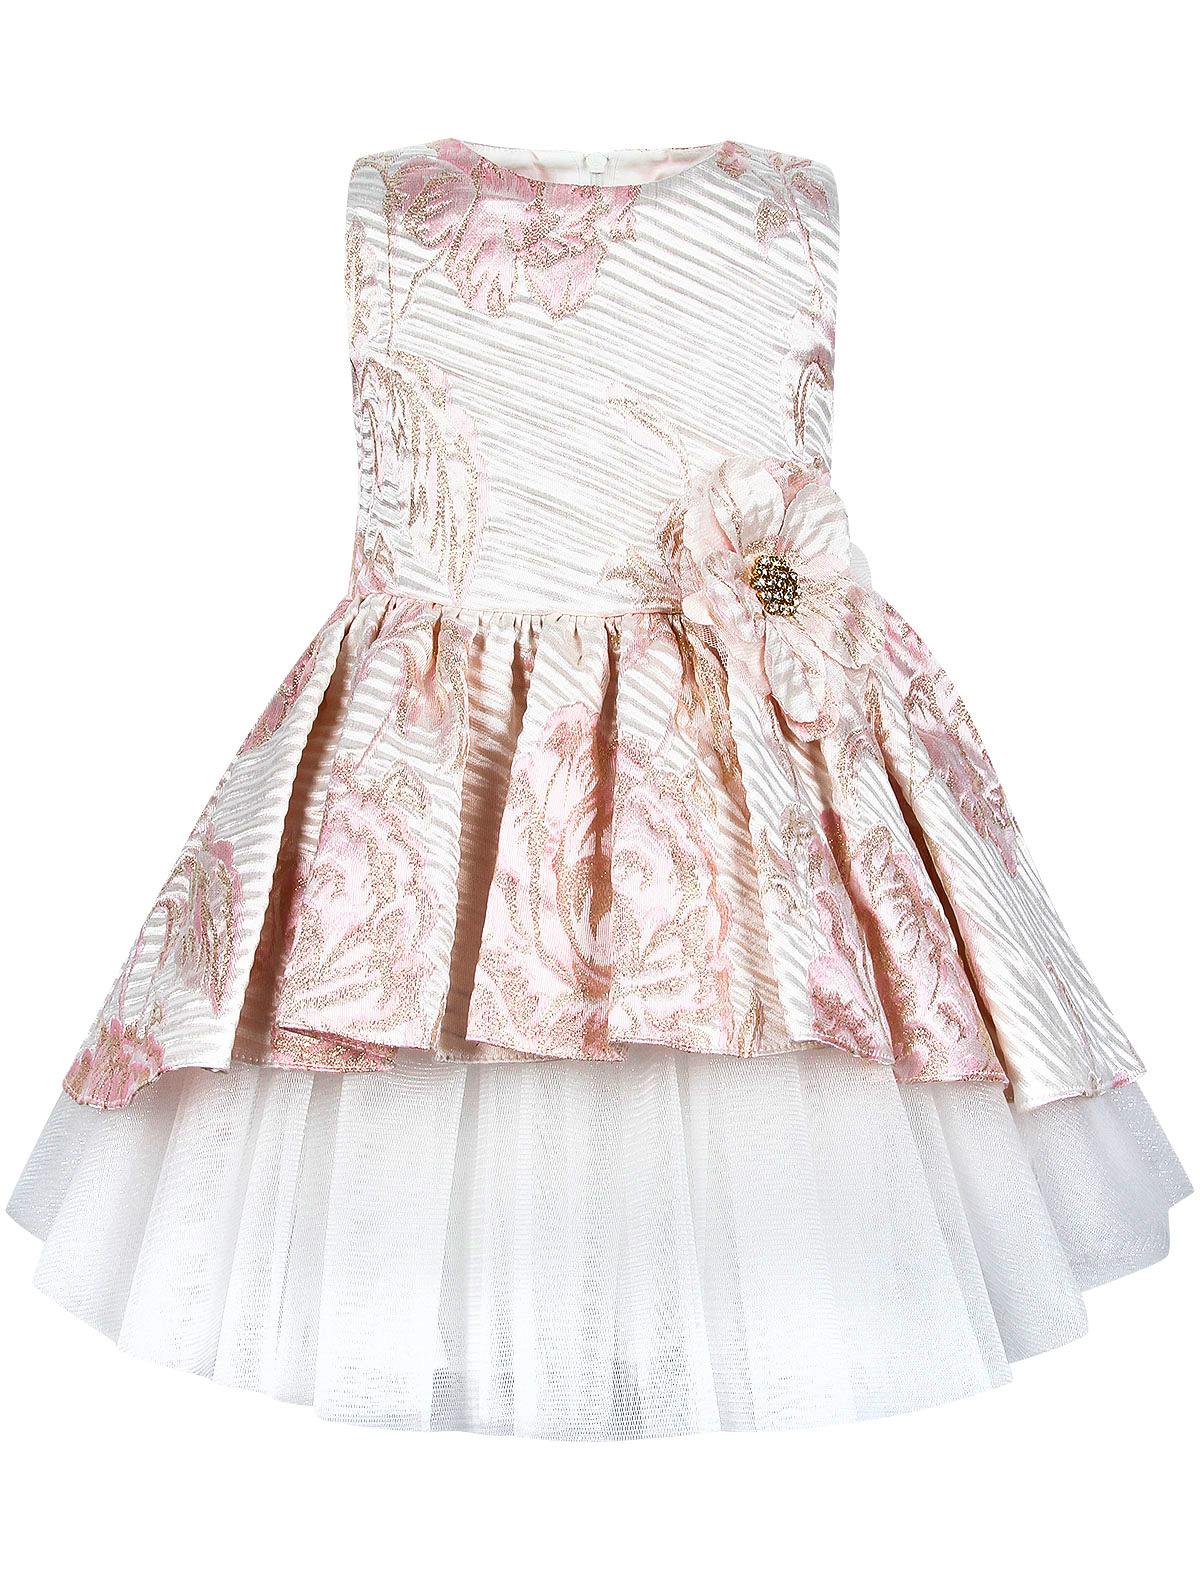 Купить 1870601, Платье David Charles, розовый, Женский, 1052609870552